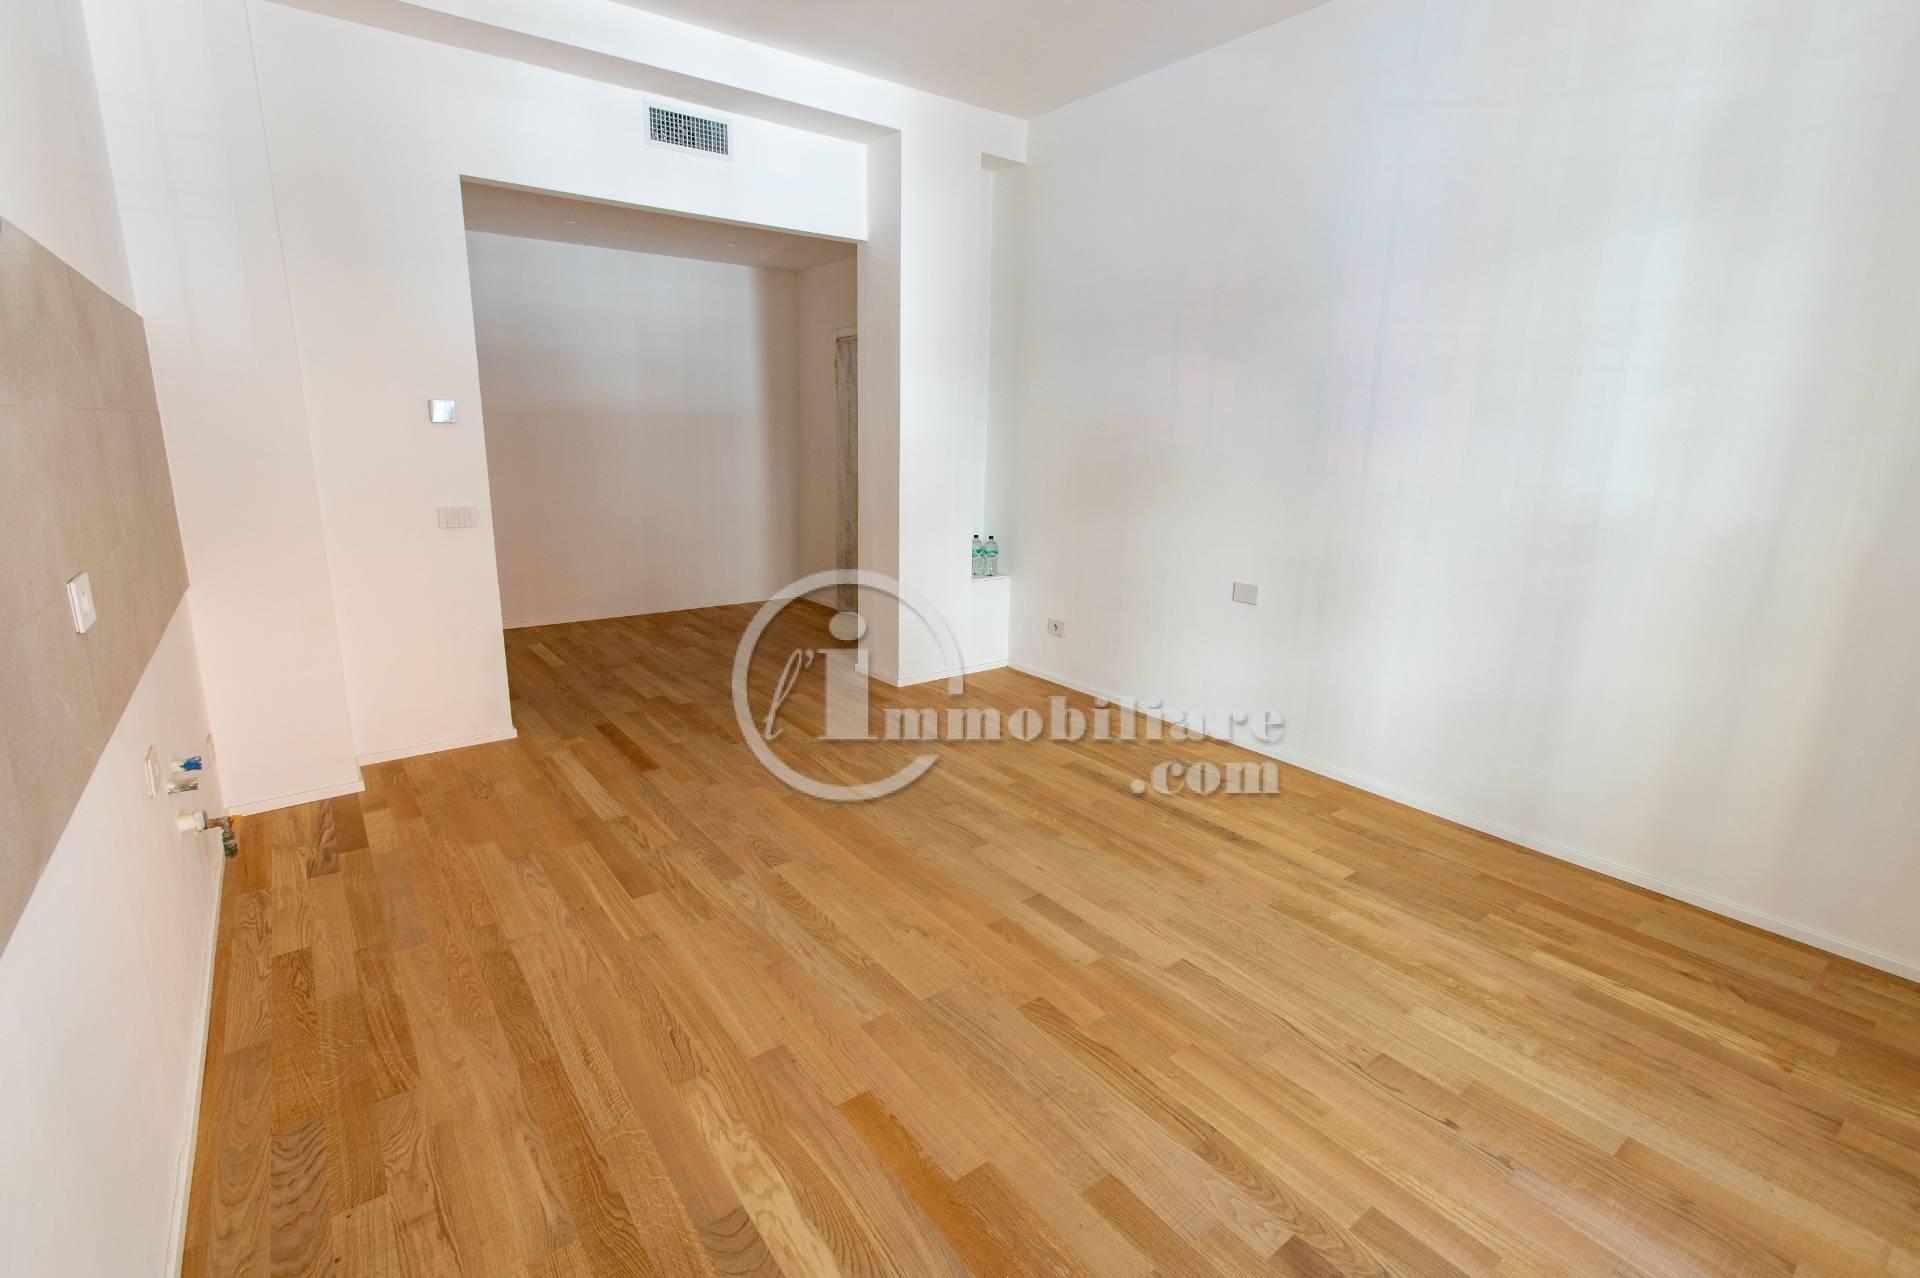 Appartamento in Vendita a Milano: 3 locali, 75 mq - Foto 20